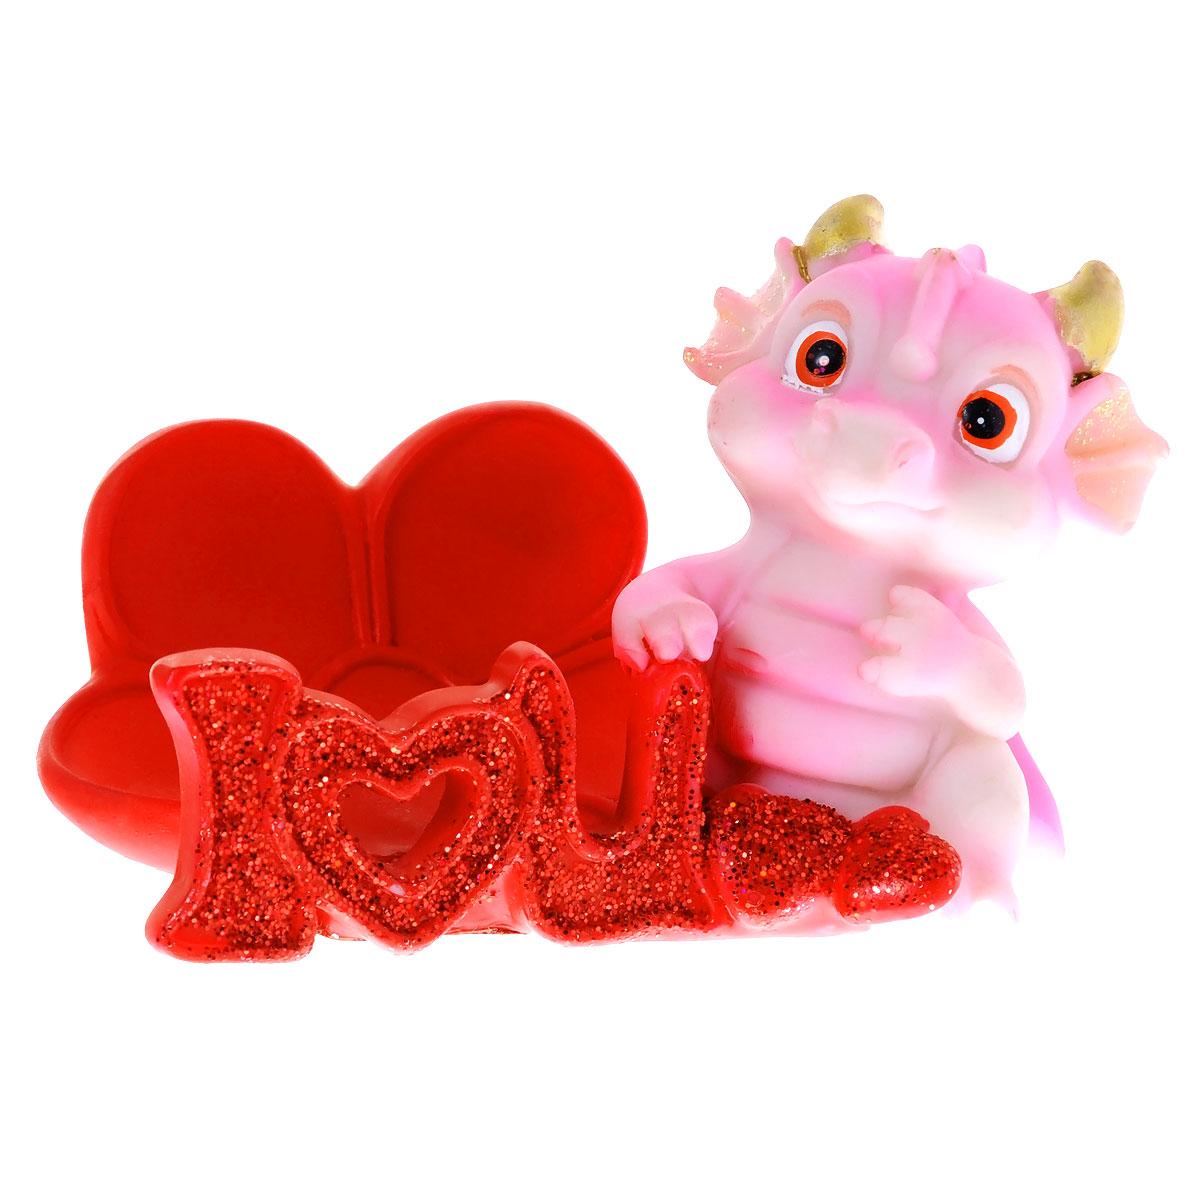 Статуэтка декоративная Lunten Ranta Розовый дракончик, с подставкой для телефона, цвет: красный, розовый60279Очаровательная статуэтка Lunten Ranta Розовый дракончик станет оригинальным подарком для всех любителей стильных вещей. Она выполнена из полирезины в виде дракончика с сердечком и имеет удобную поставку под телефон. Изделие украшено блестками. Изысканный сувенир станет прекрасным дополнением к интерьеру. Вы можете поставить статуэтку в любом месте, где она будет удачно смотреться, и радовать глаз. Размер статуэтки: 9 см х 6 см х 6,5 см. Размер подставки: 6 см х 3 см х 3 см.